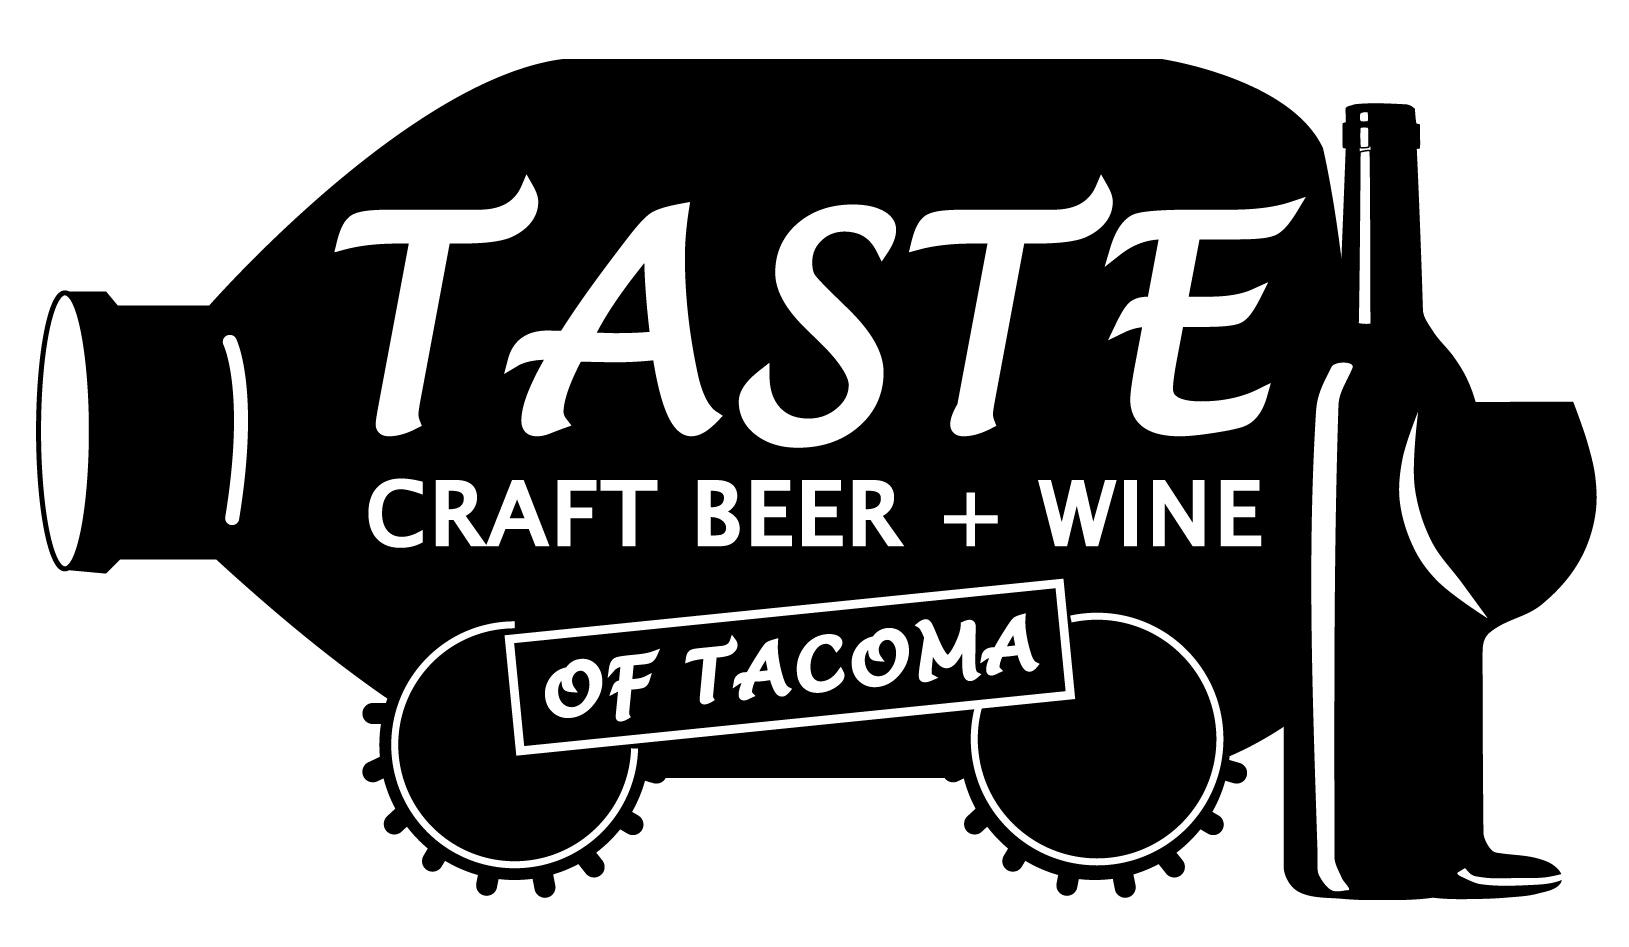 Taste Craft beer wine logo - 2018.jpg